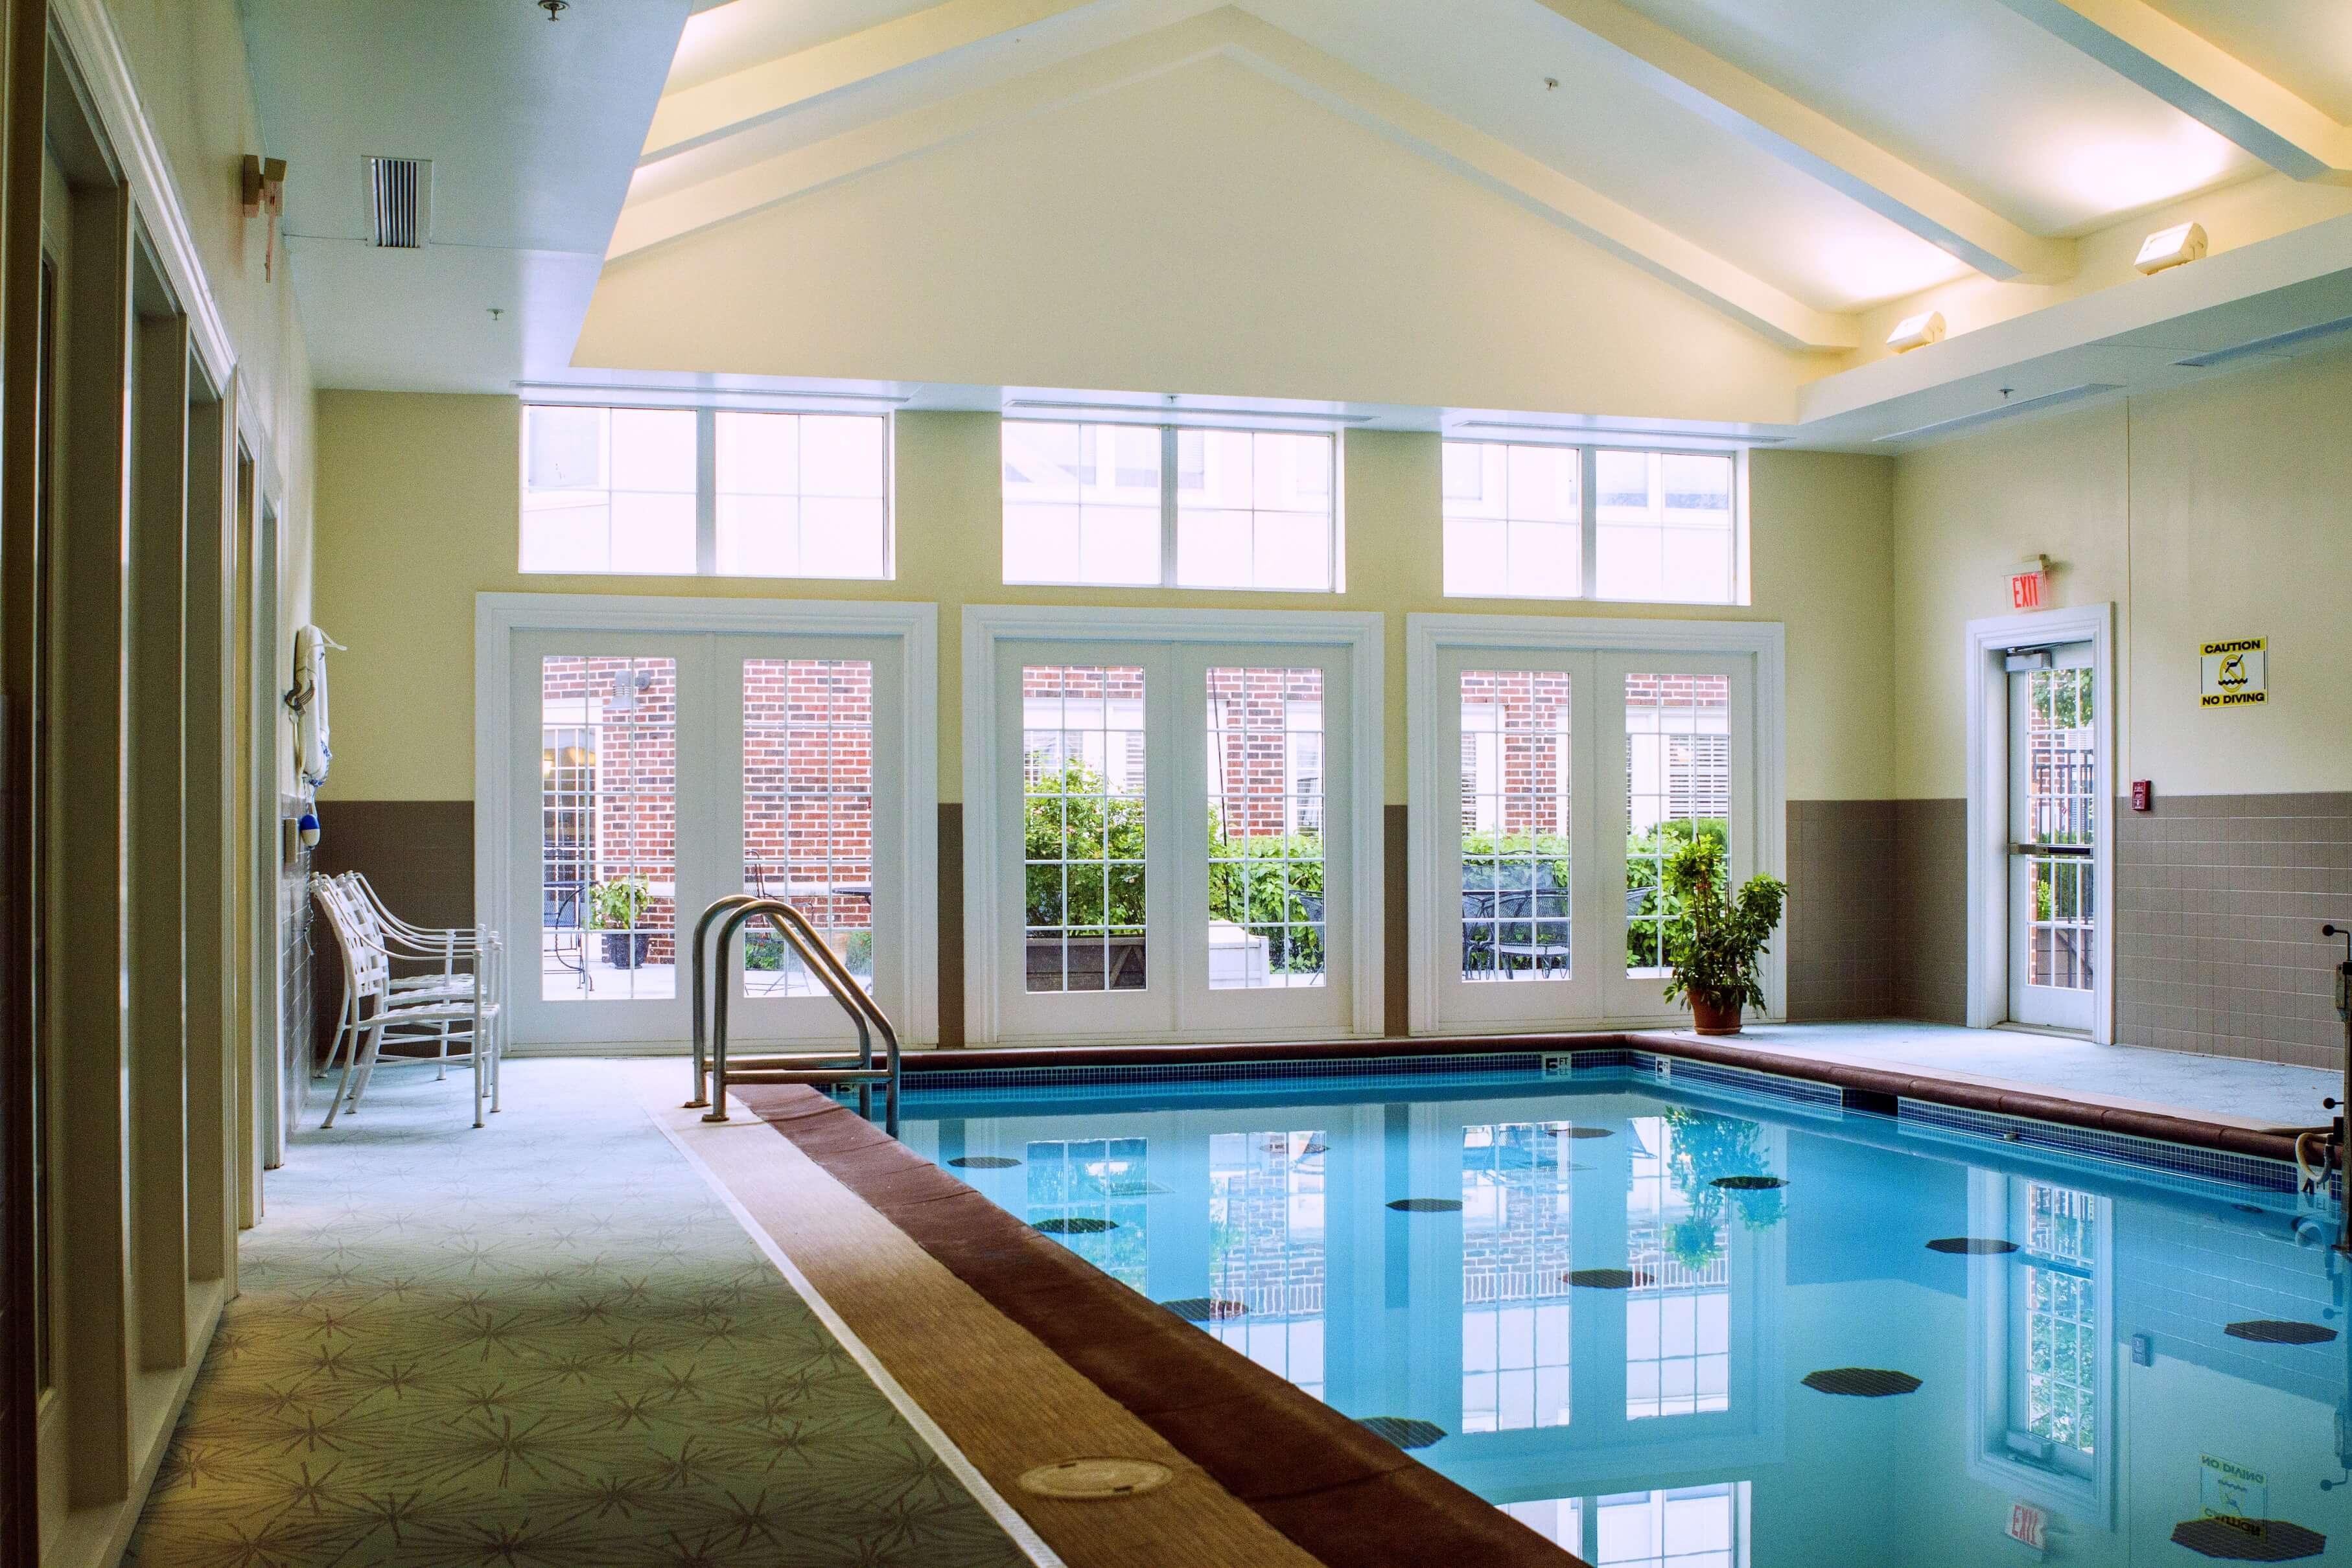 Aberdeen Village's indoor pool